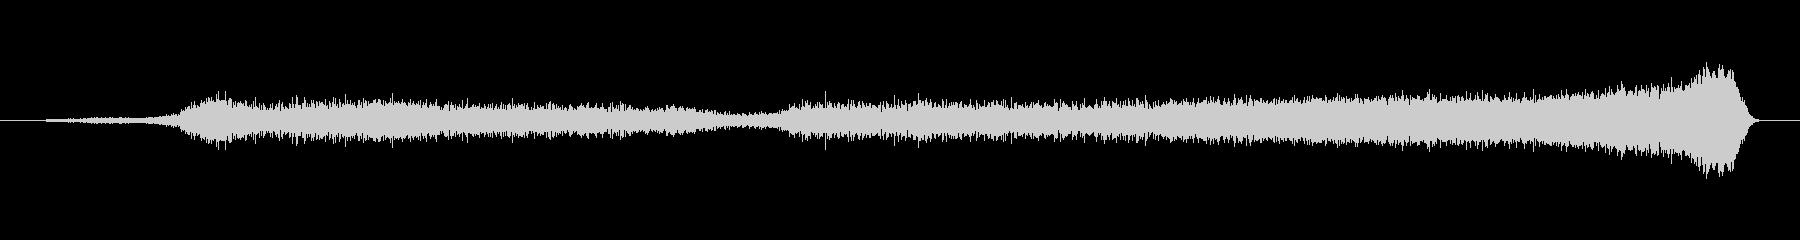 バルーン エアリリースバズ01の未再生の波形